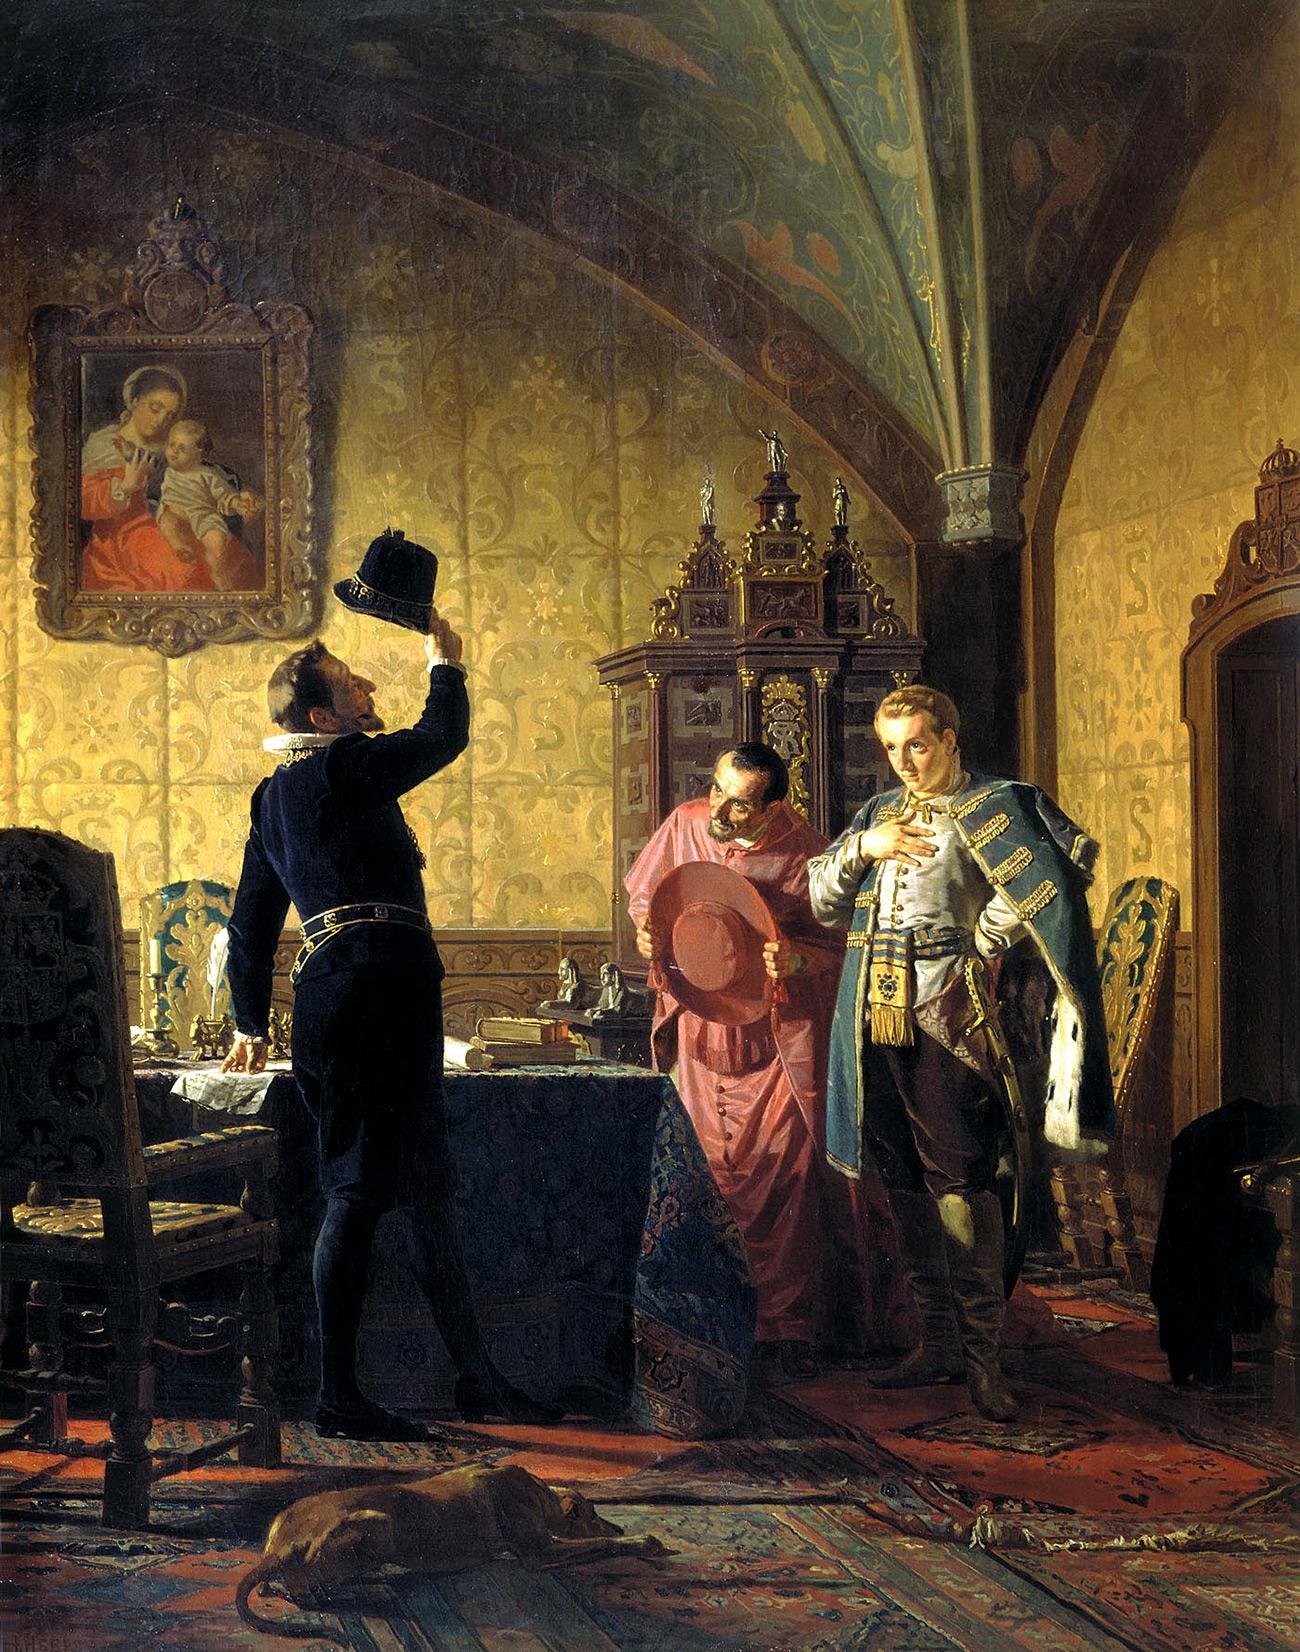 """Лажниот Дмитри Први му ветува на Сигизмунд III дека ќе воведе католицизам во Русија / Саратовски музеј на уметности """"А. Н. Радишчев"""""""